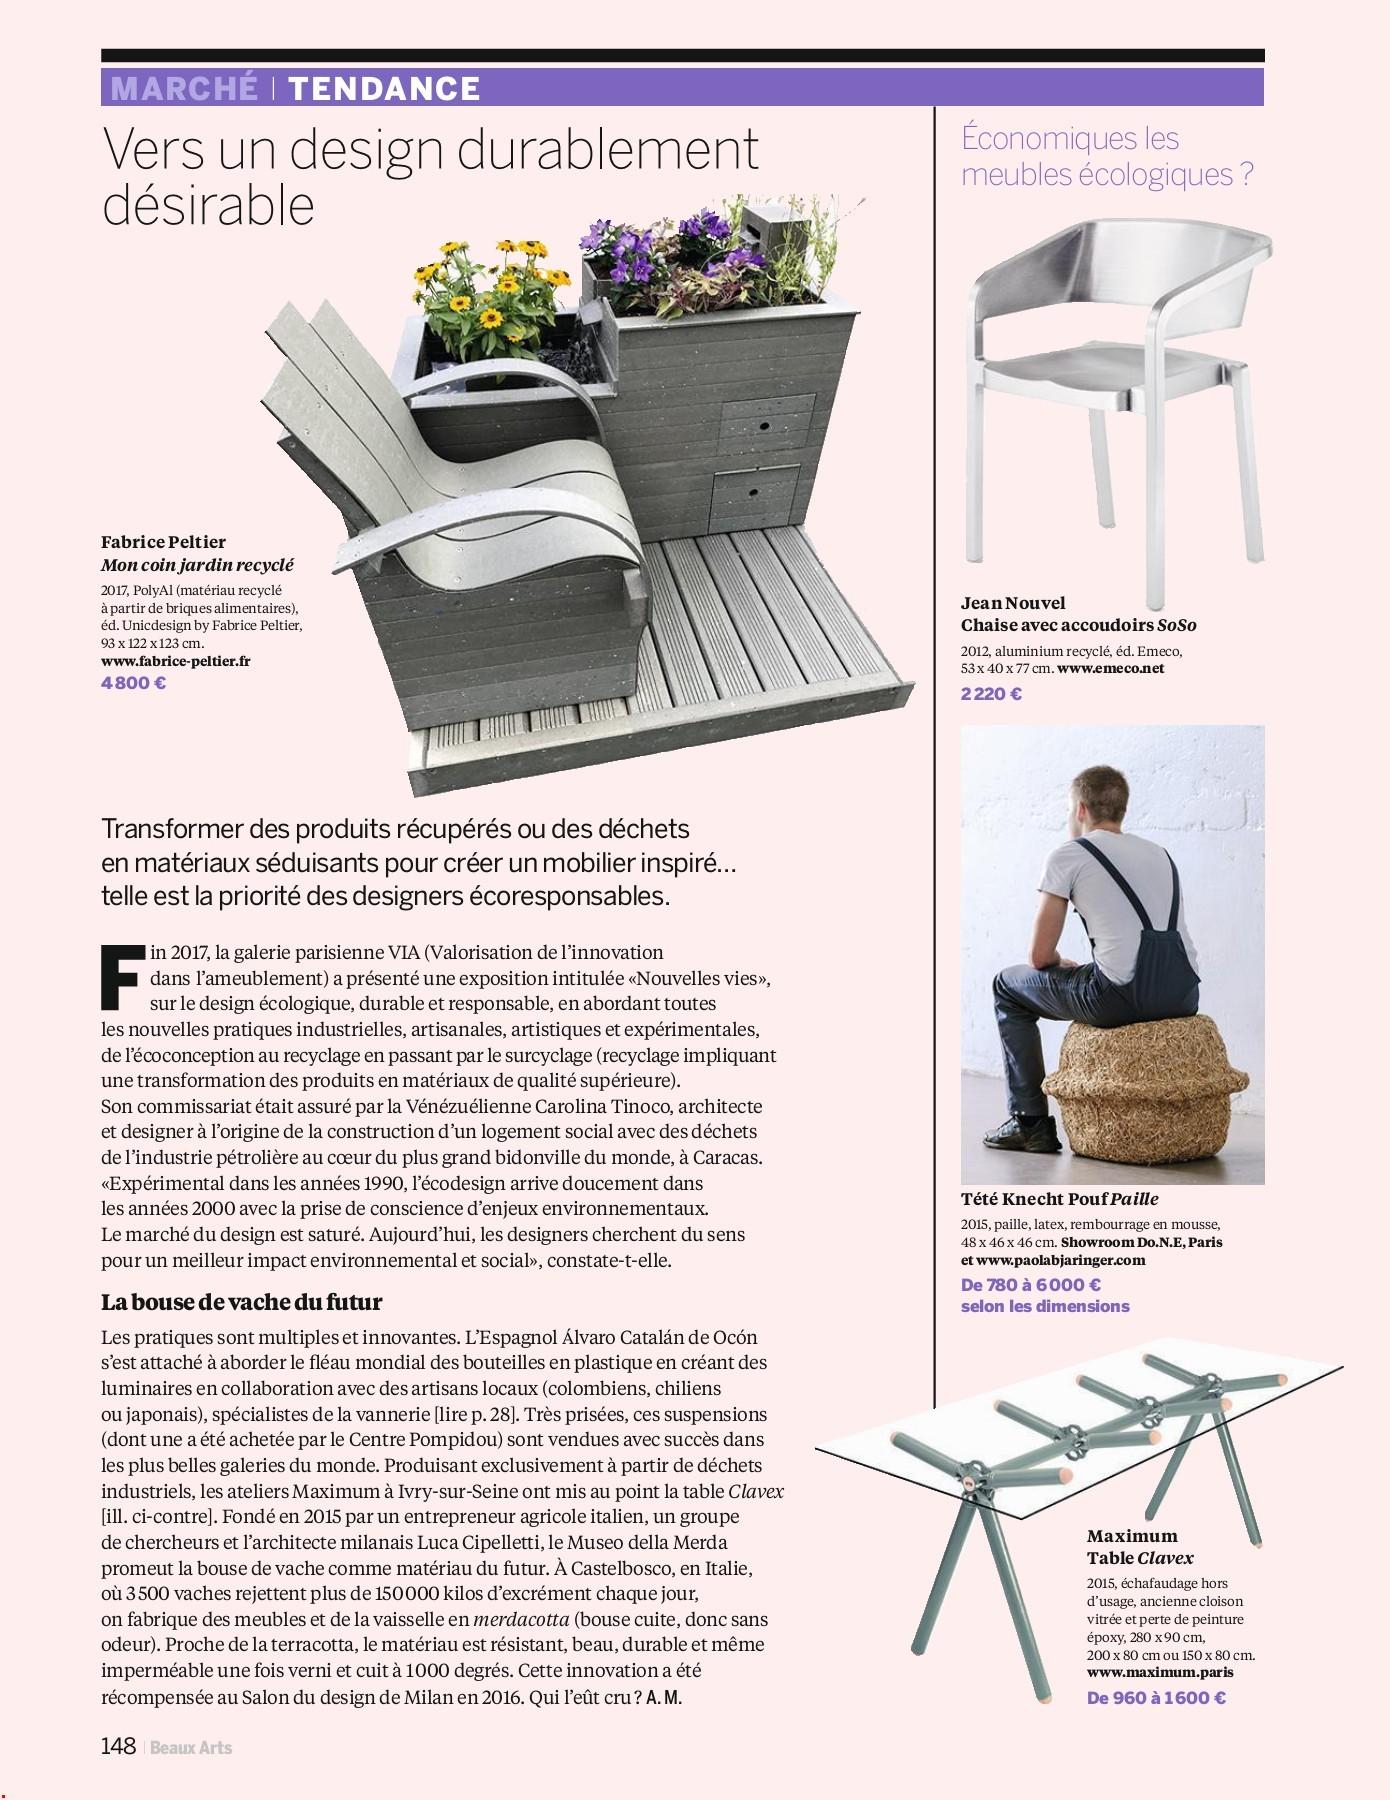 Table Et Chaise De Jardin En Aluminium Nouveau 2018 05 01 Beaux Arts Pages 151 164 Text Version Of 39 Luxe Table Et Chaise De Jardin En Aluminium